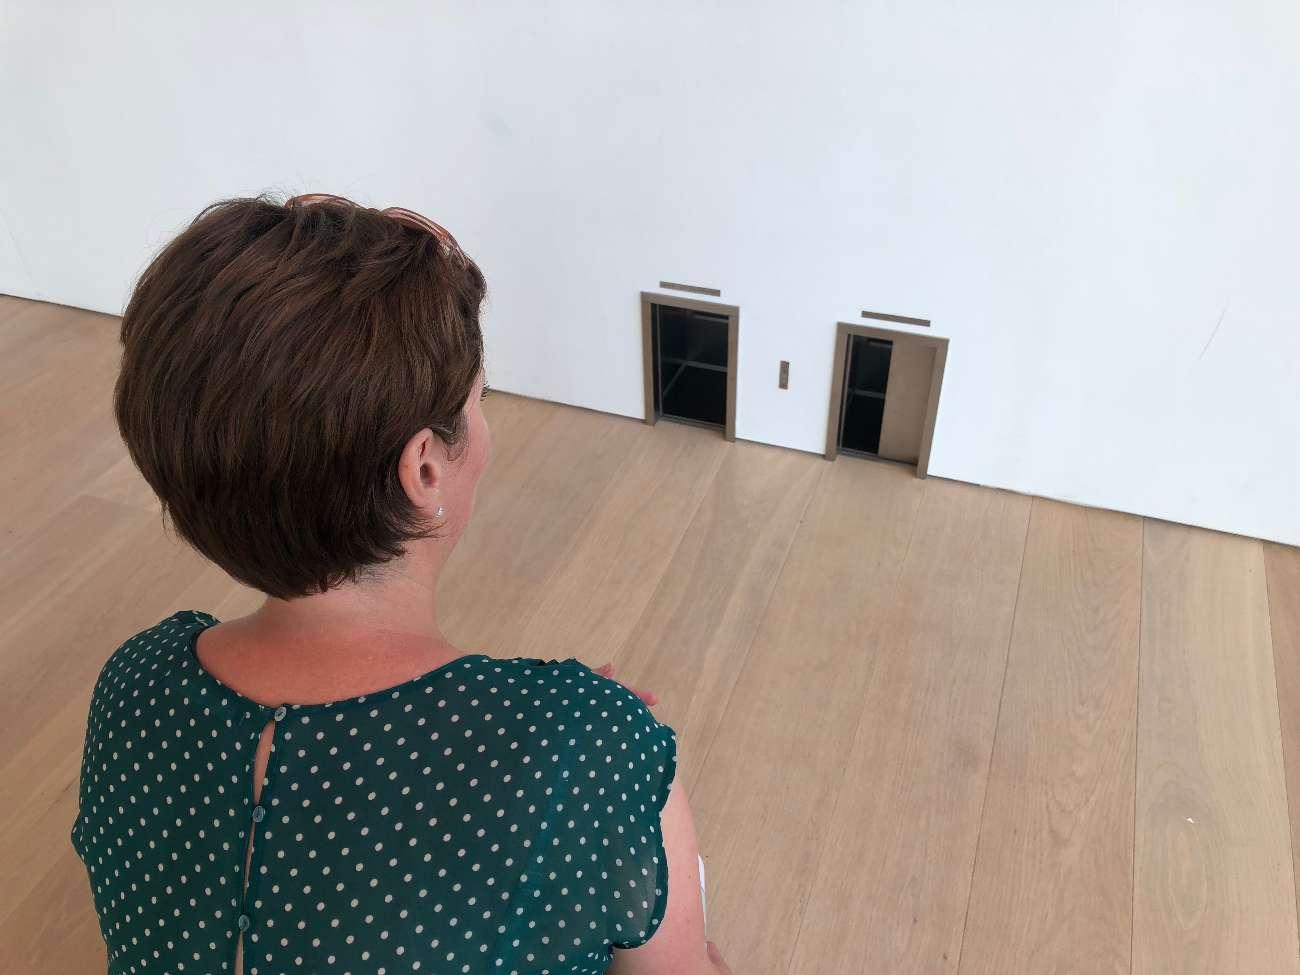 Die Miniatur einer Spielwiese ist eine lustige Installtion von Maurizio Catellan im Museum Voorlinden in Wassenaar